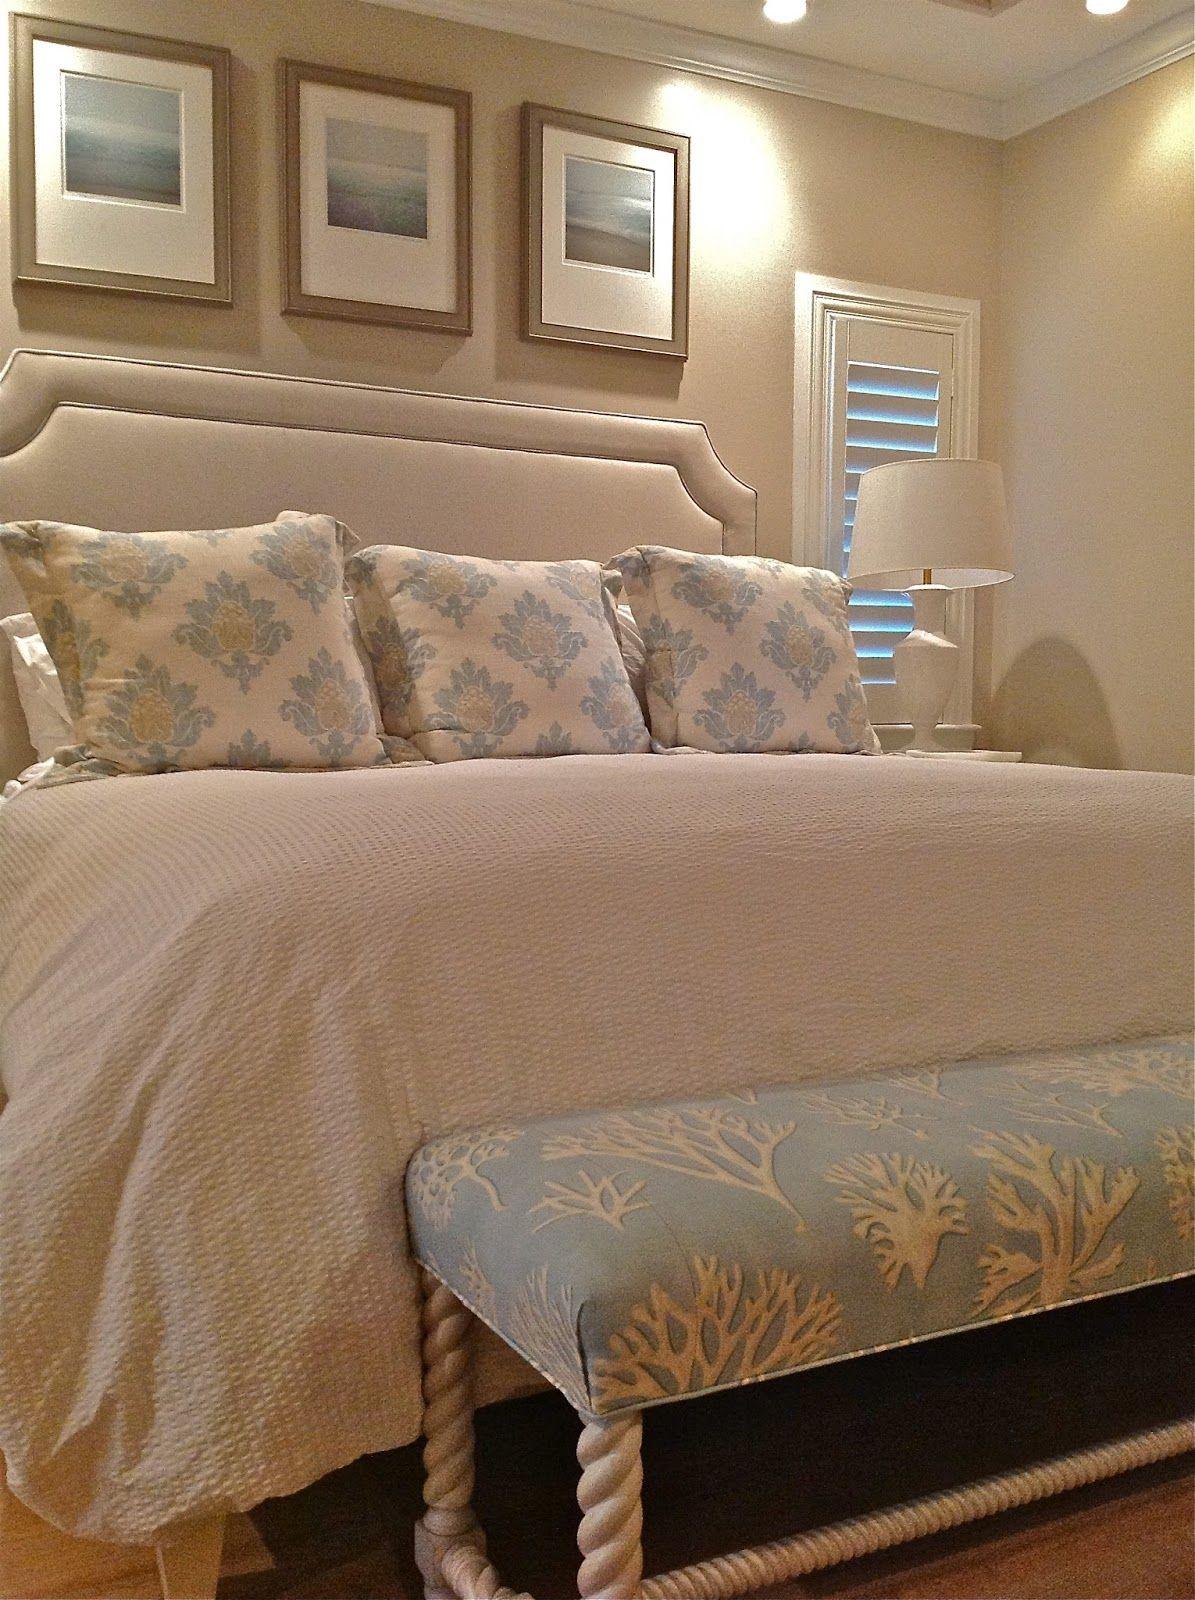 Benjamin Moore Cedar Key Benjamin Moore Pinterest Benjamin Moore Bedrooms And Master Bedroom